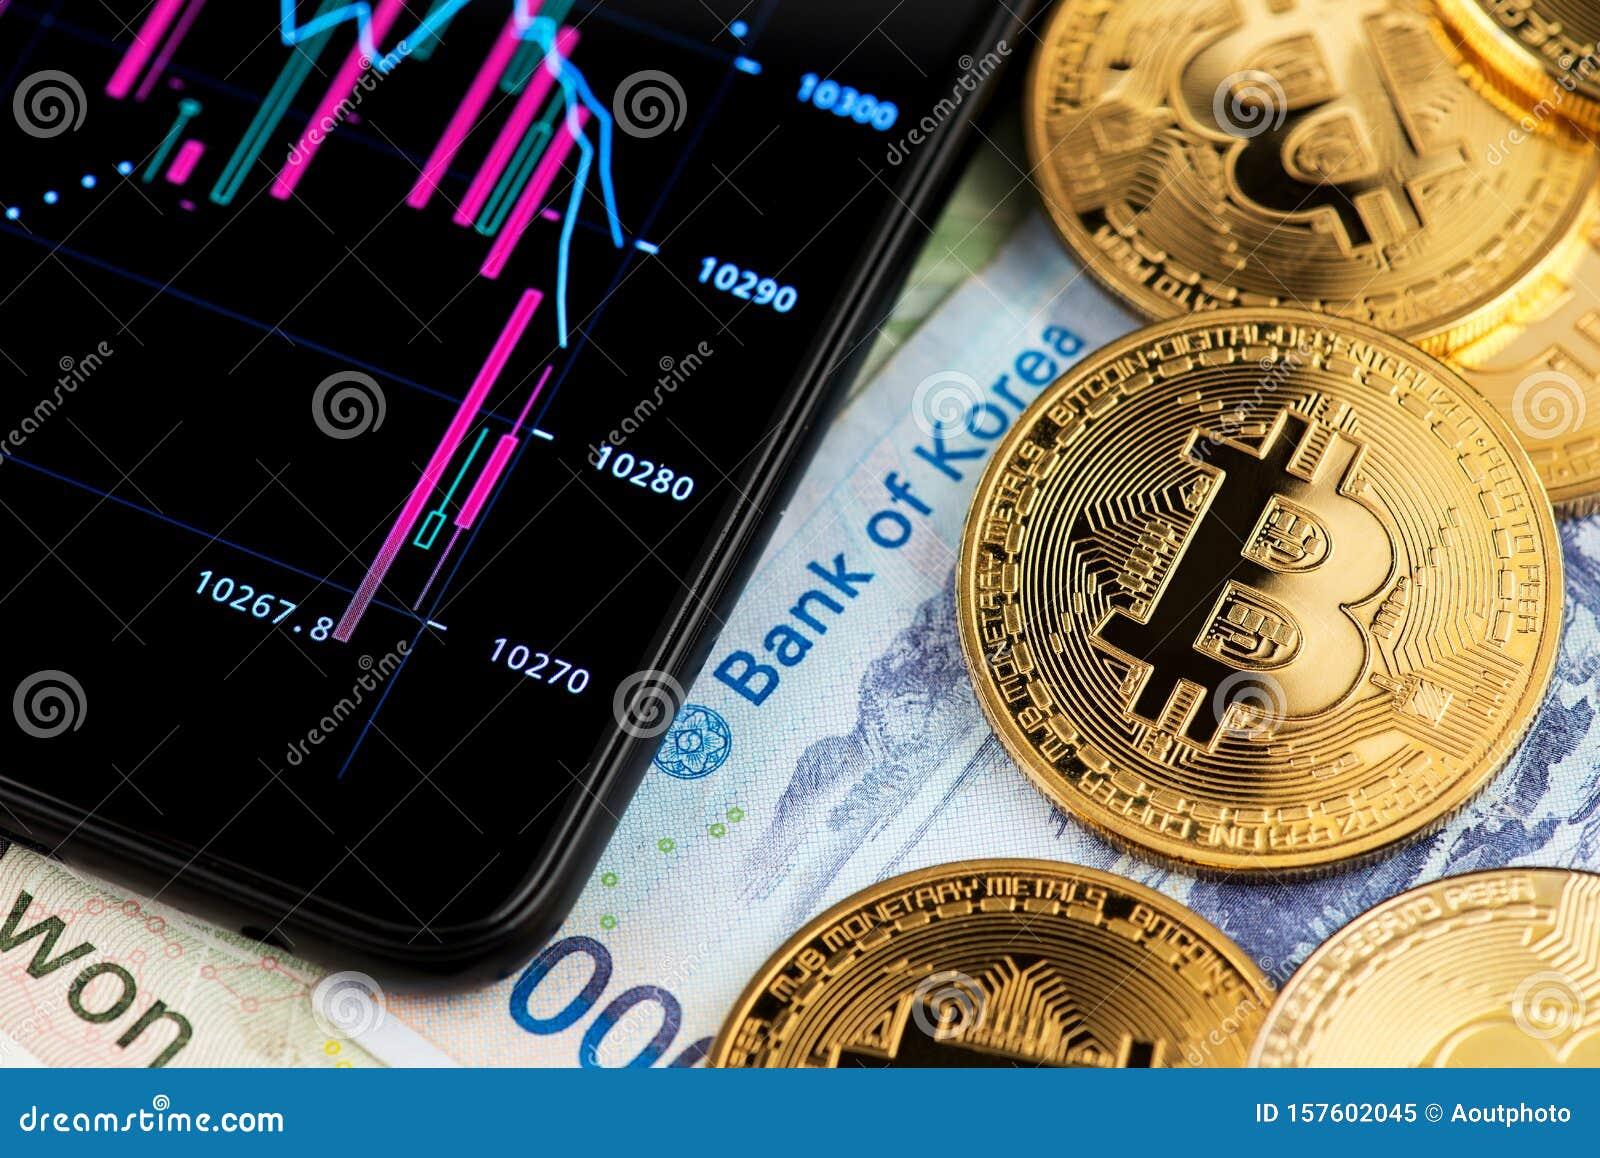 crypto coin graphs